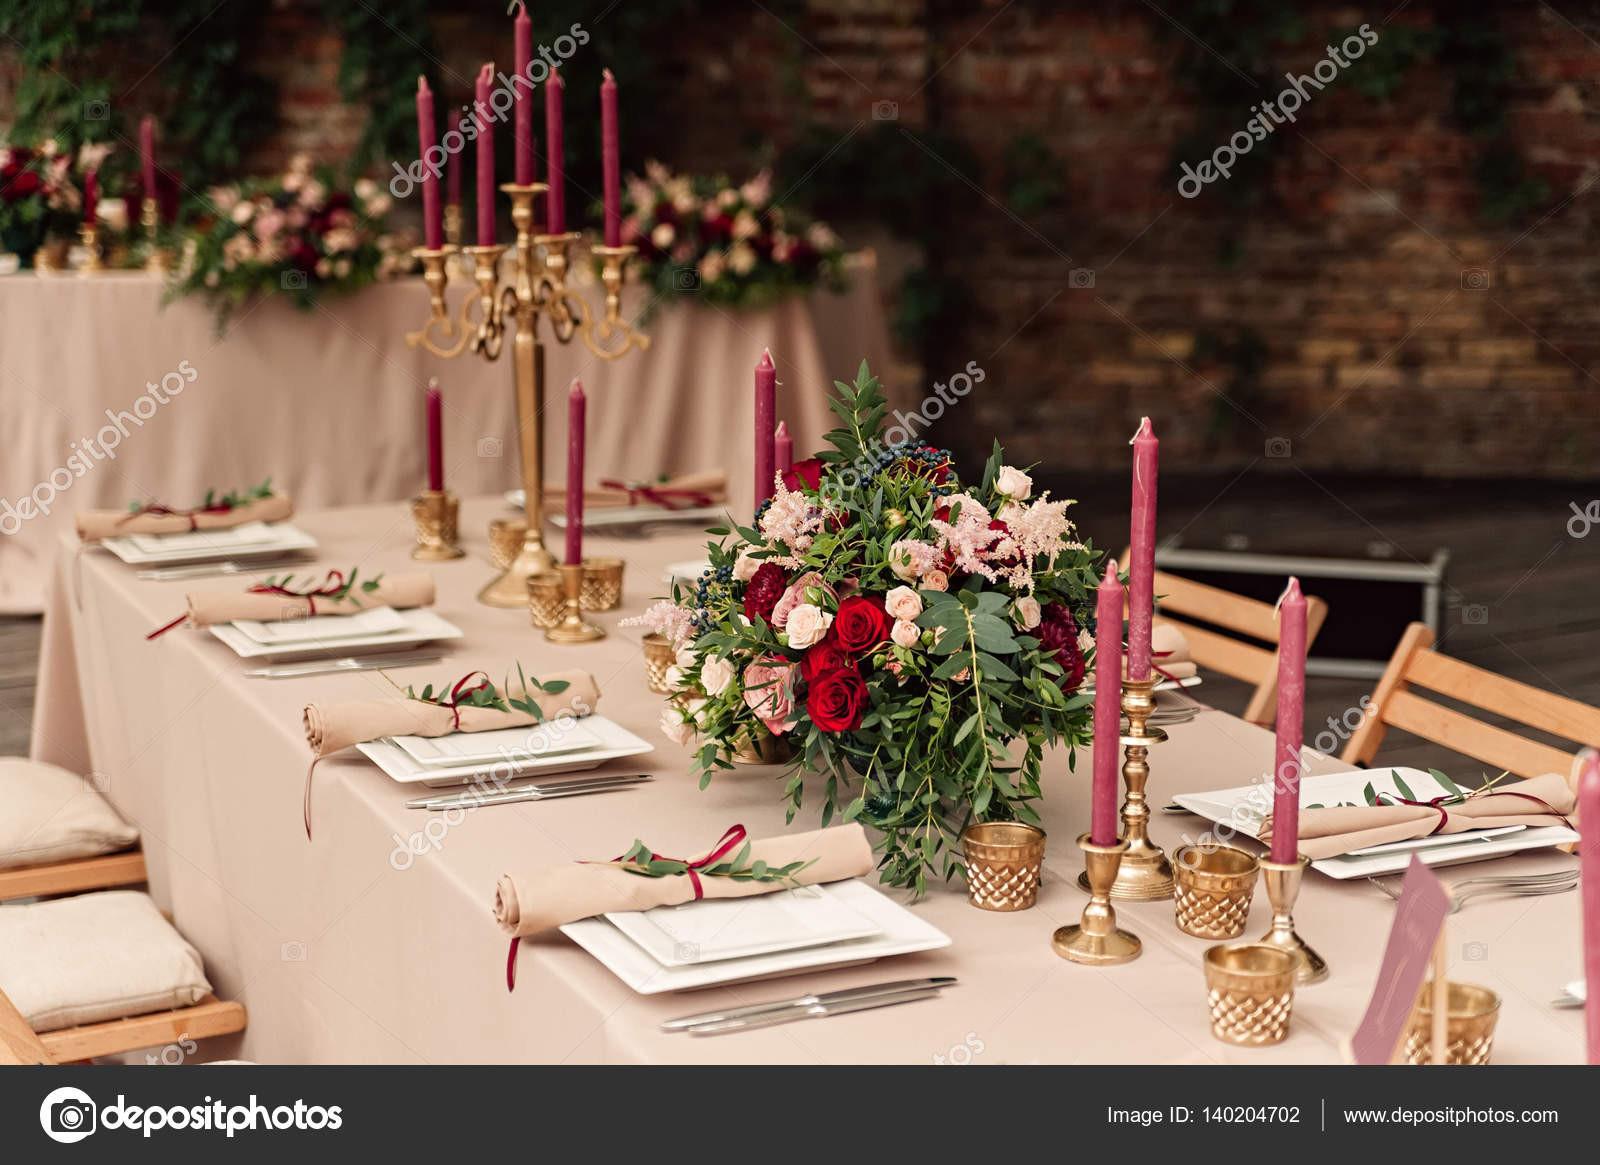 Hochzeit Tisch  Festliche Hochzeit Tisch Kerze Blumen — Stockfoto